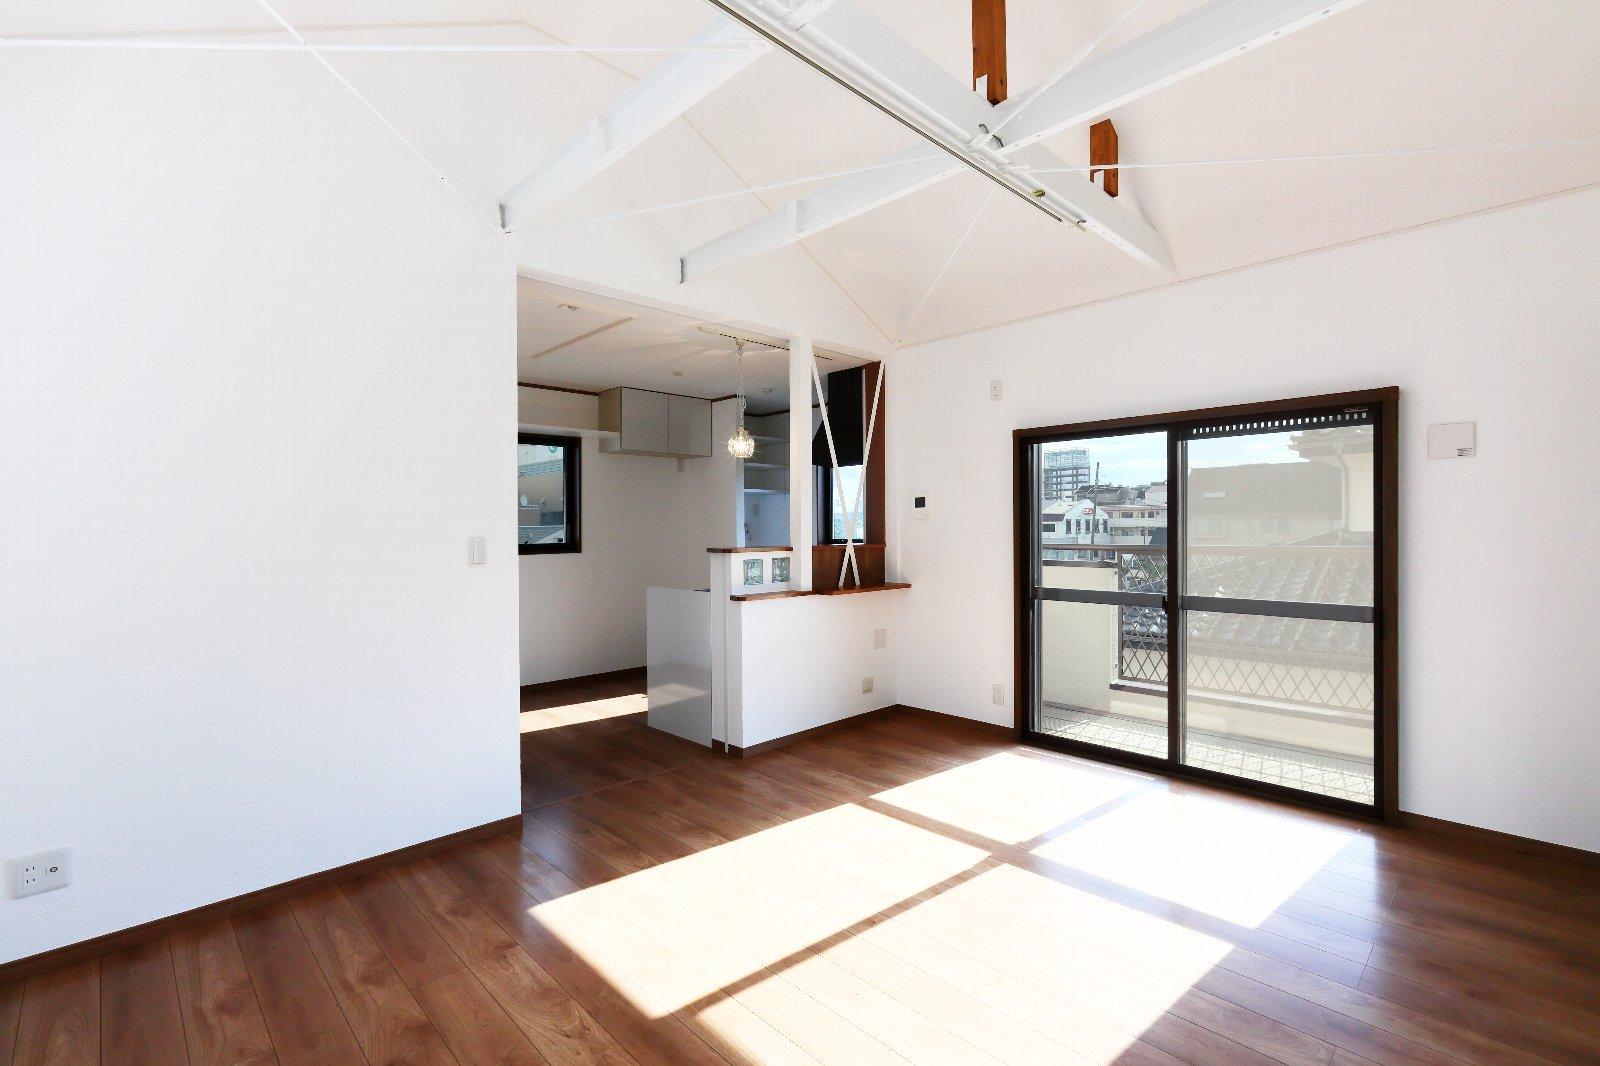 ハウスメーカー系鉄骨住宅の増築&二世帯全面リフォーム